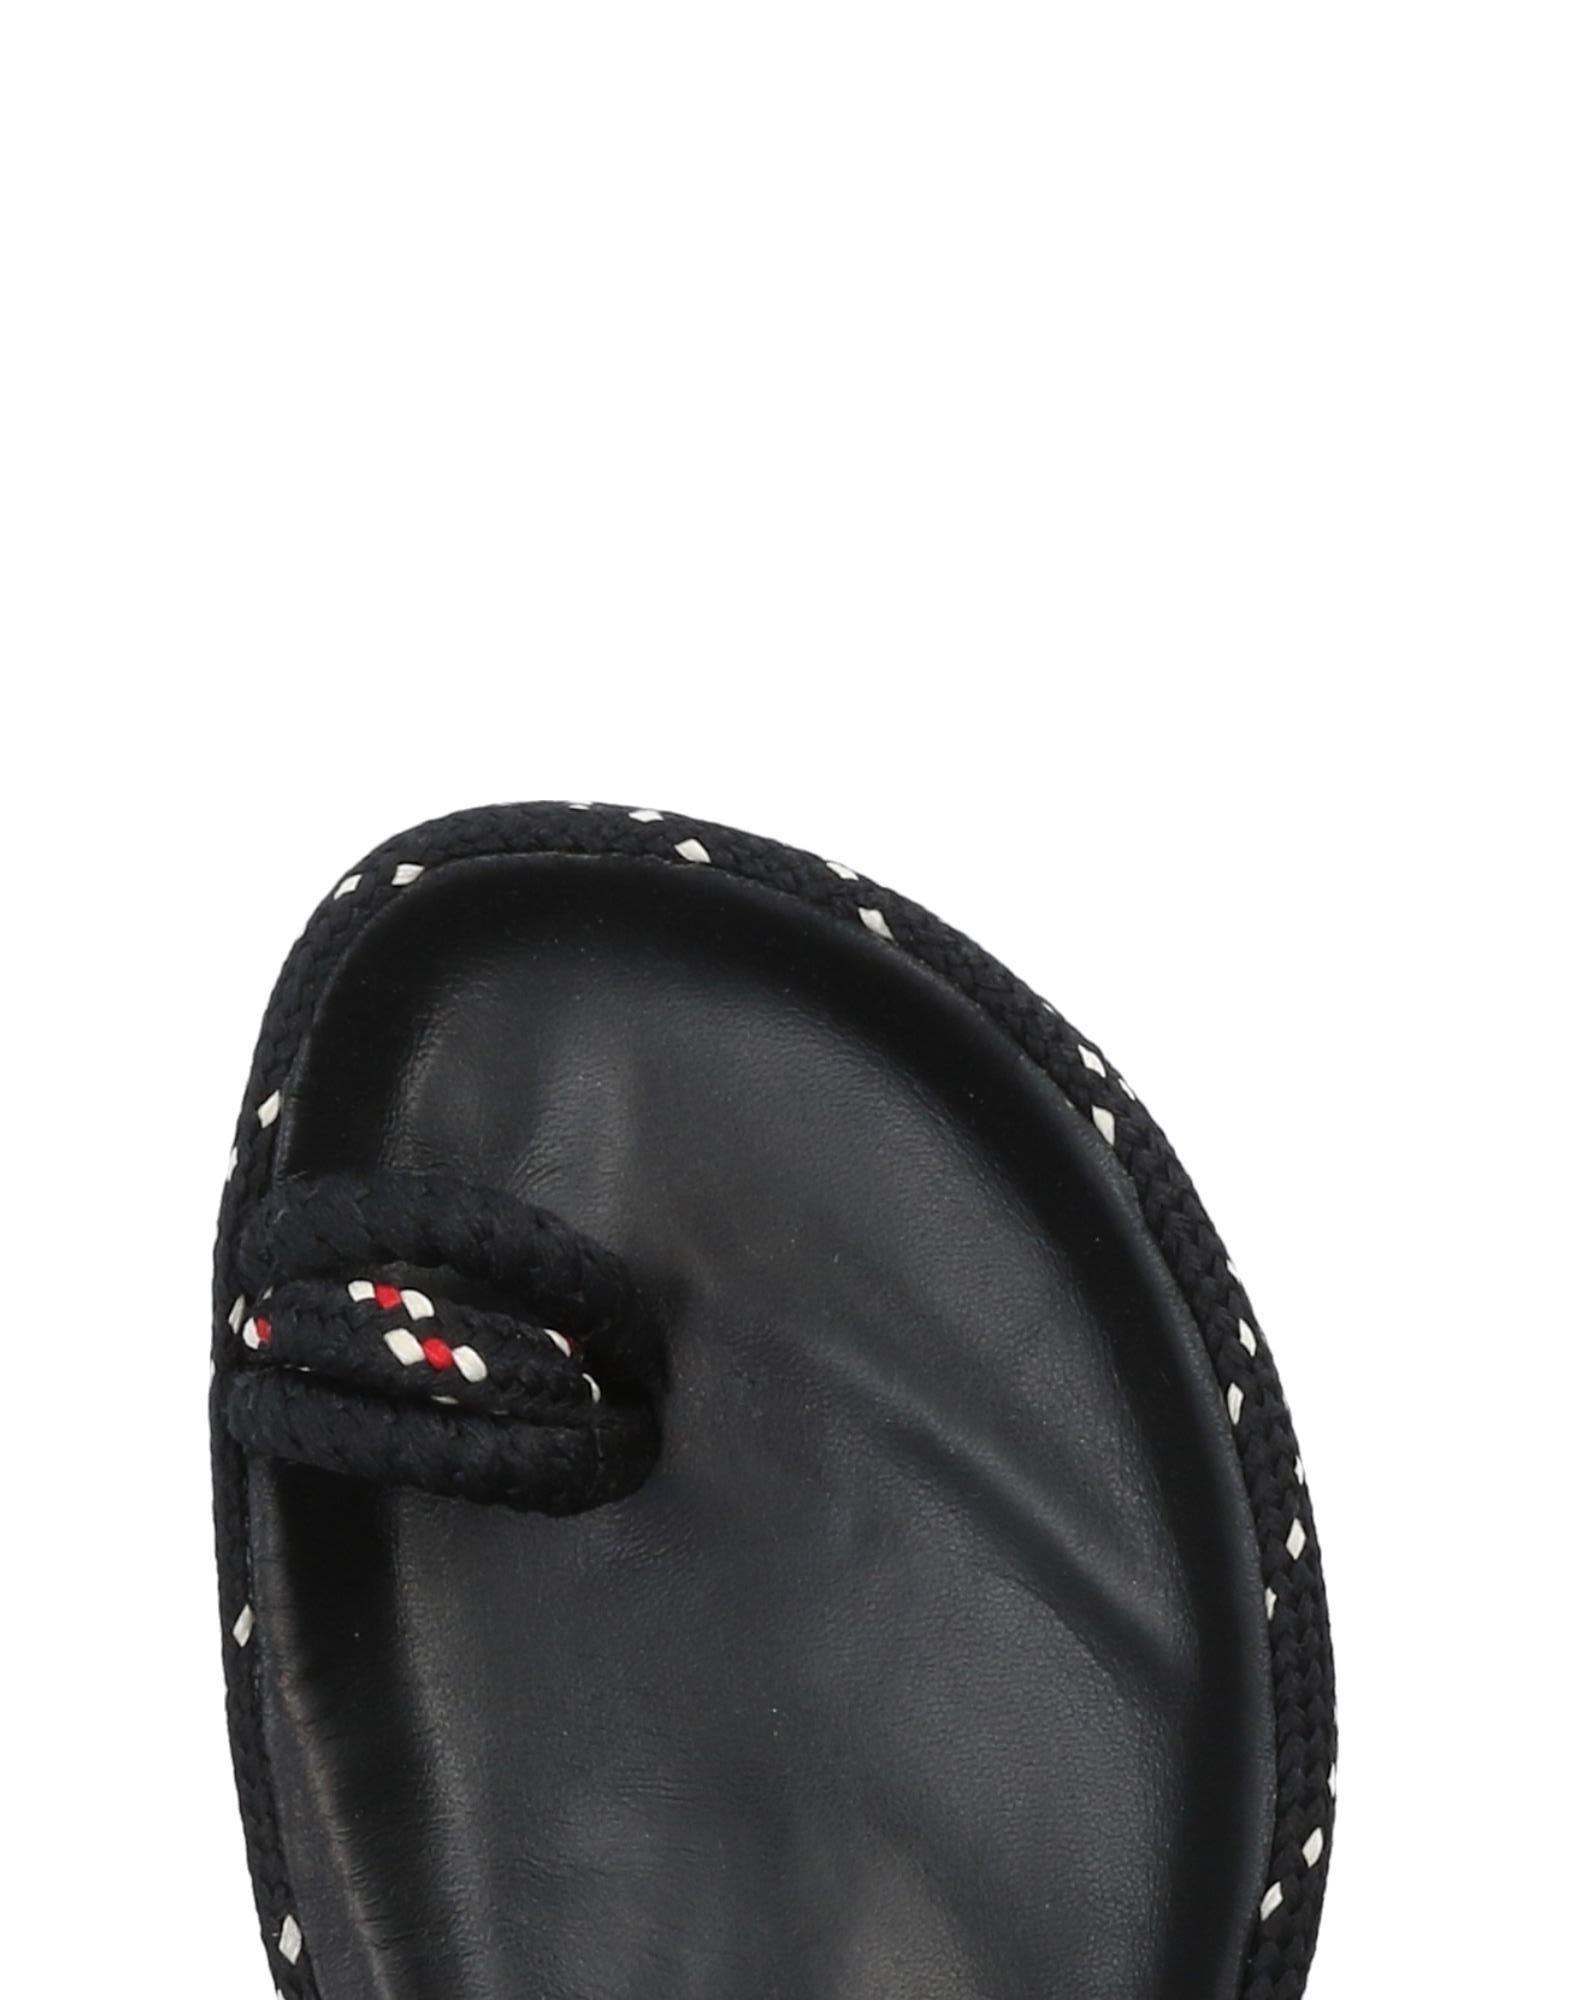 Rabatt Schuhe Isabel Marant 11401213MA Étoile Dianetten Damen  11401213MA Marant eb0939